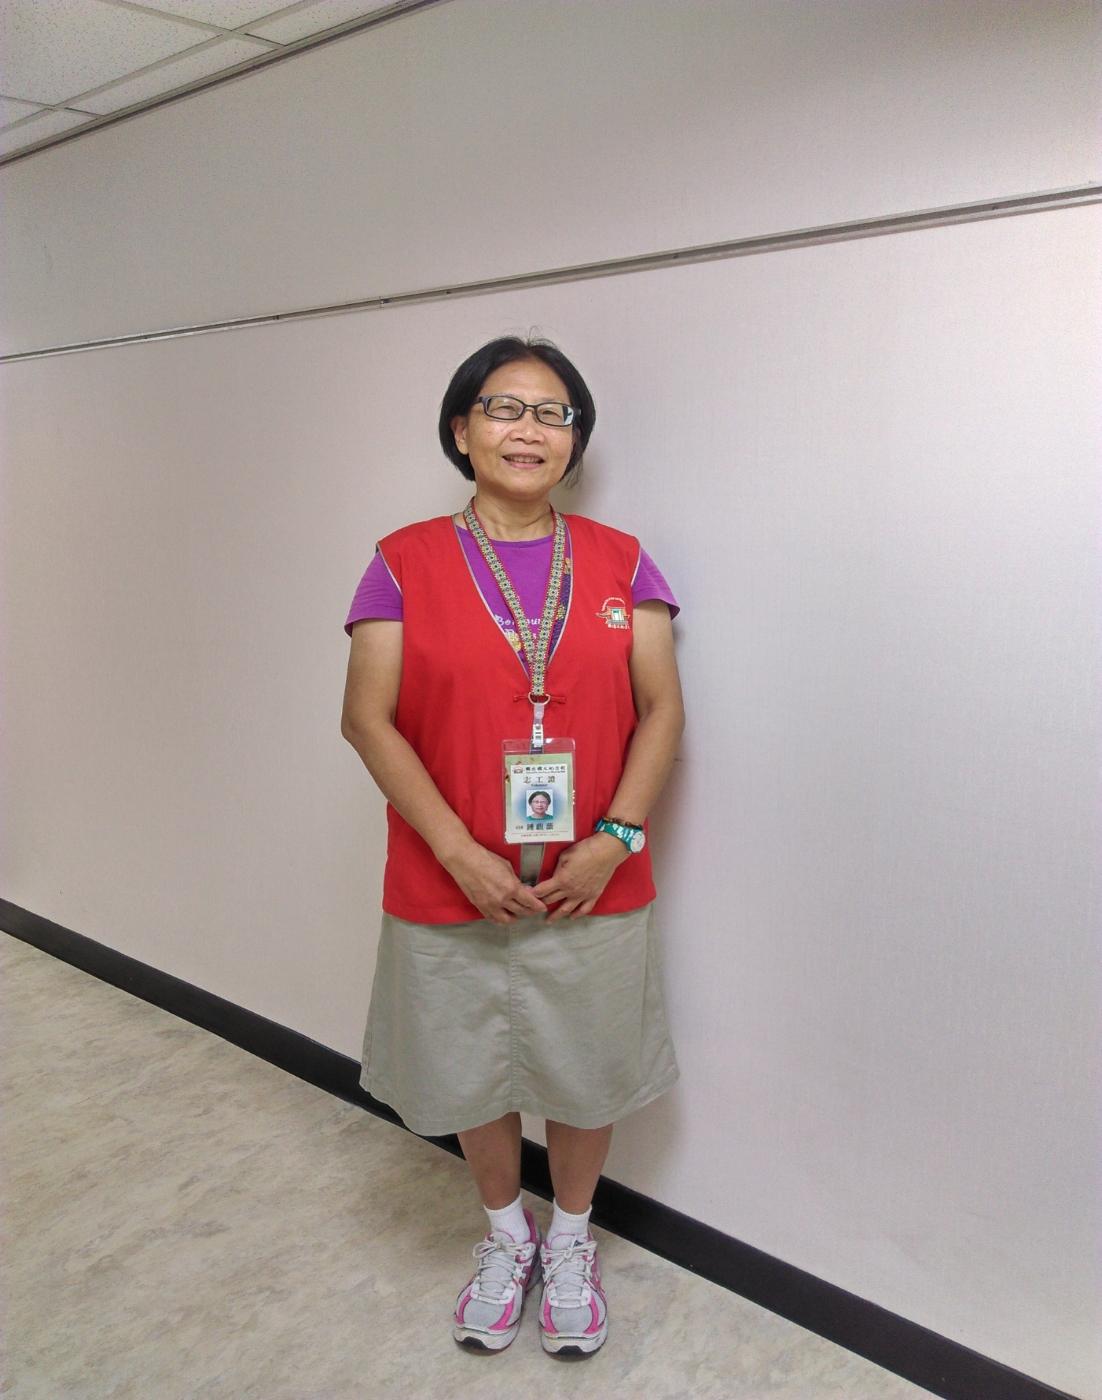 親切的志工大姐照片,穿著紅色背心